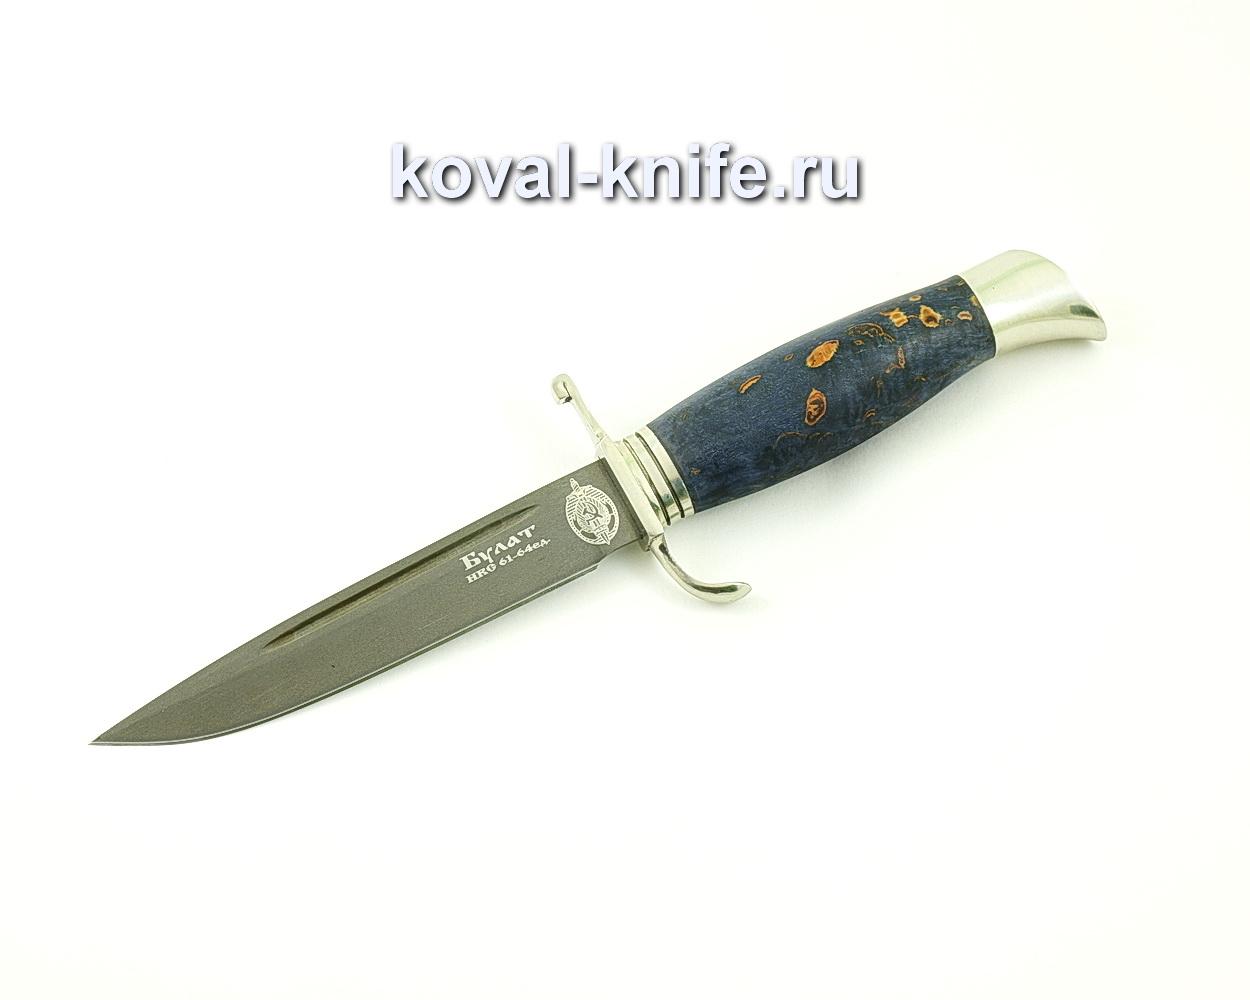 Нож из булатной стали Финка НКВД (Легированный булат, рукоять стабилизированная карельская береза, литье мельхиор) A485